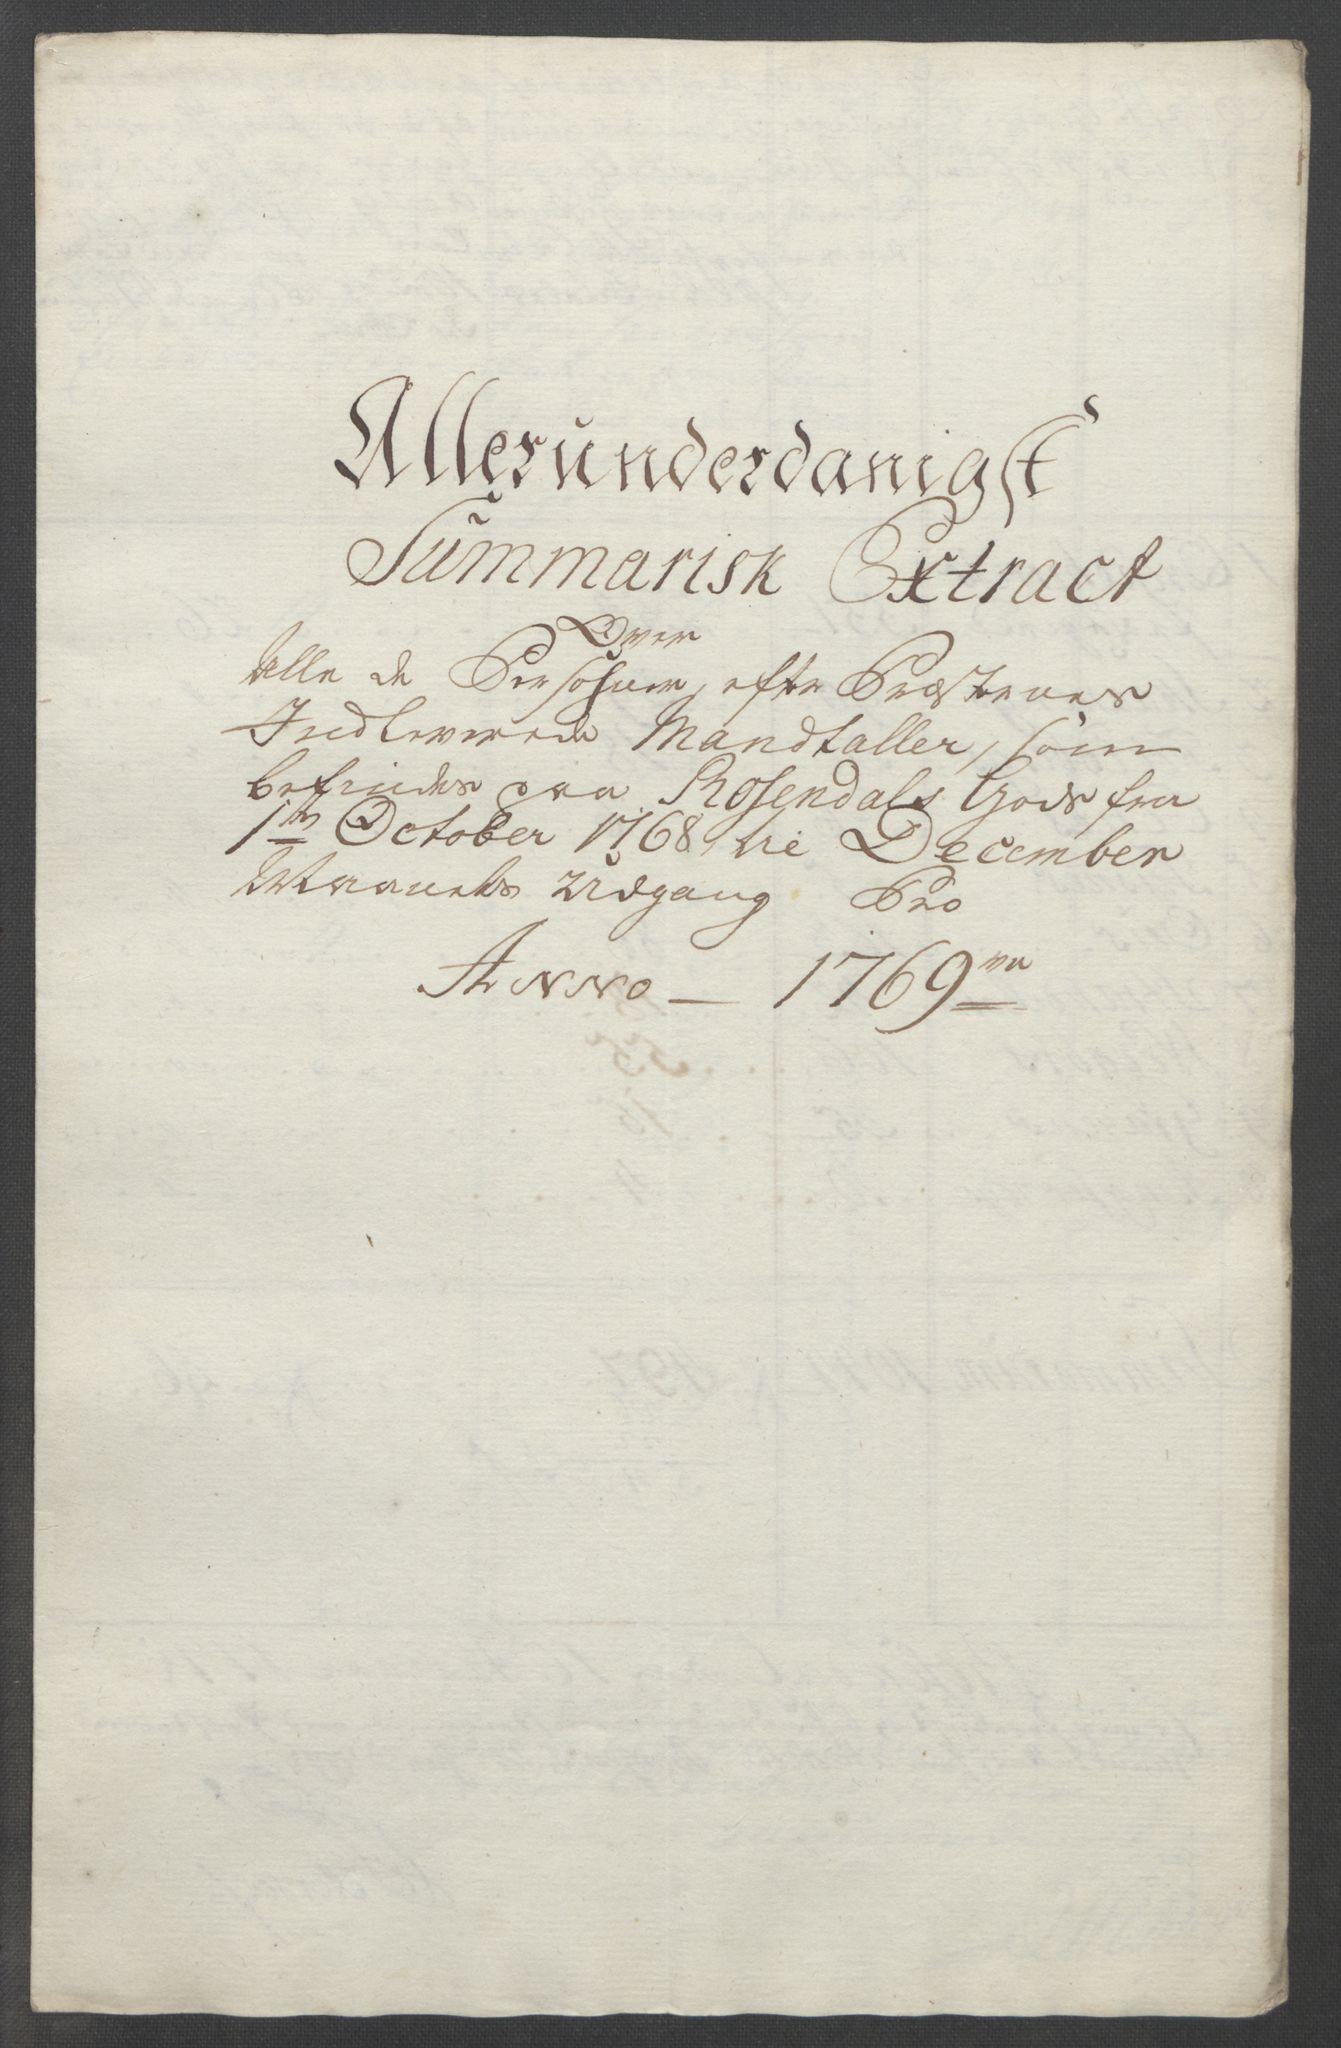 RA, Rentekammeret inntil 1814, Reviderte regnskaper, Fogderegnskap, R49/L3157: Ekstraskatten Rosendal Baroni, 1762-1772, s. 254